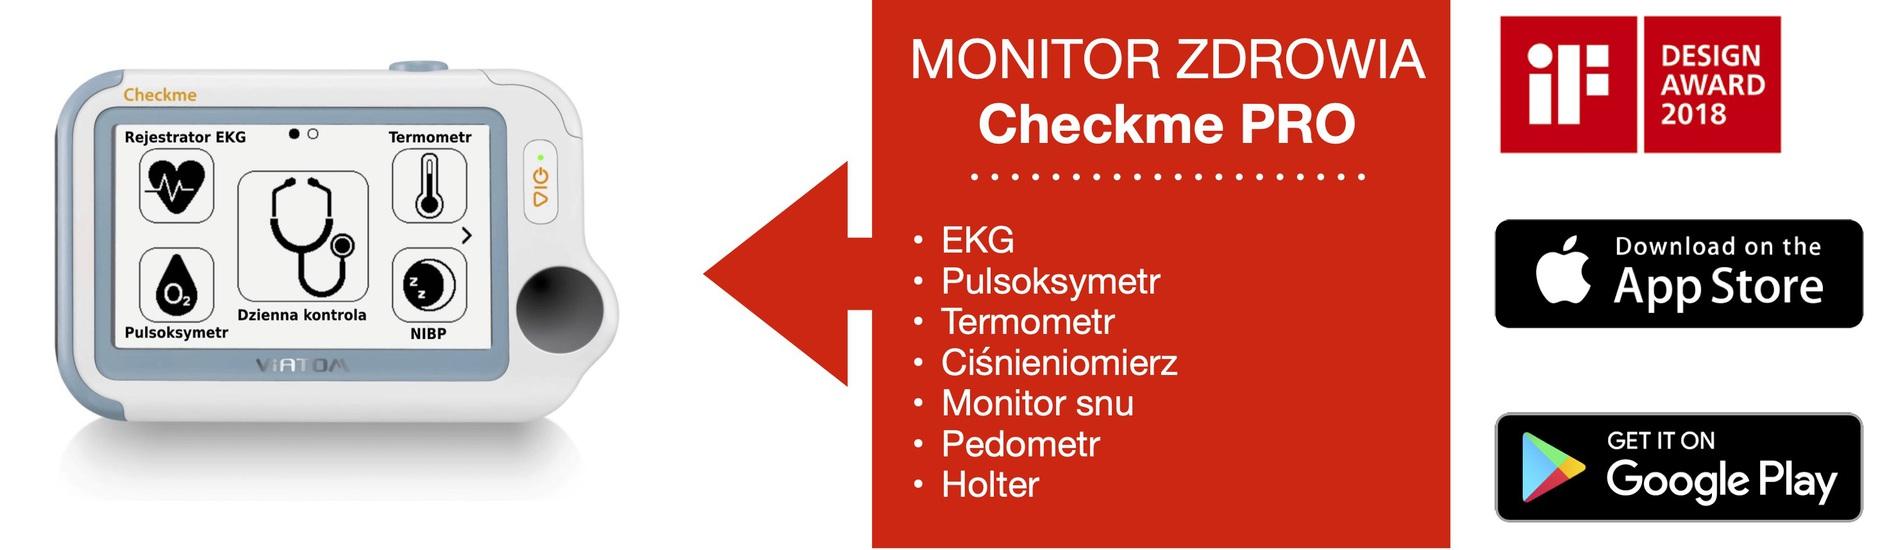 Monitor zdrowia: EKG Holter Pulsoksymetr Termometr